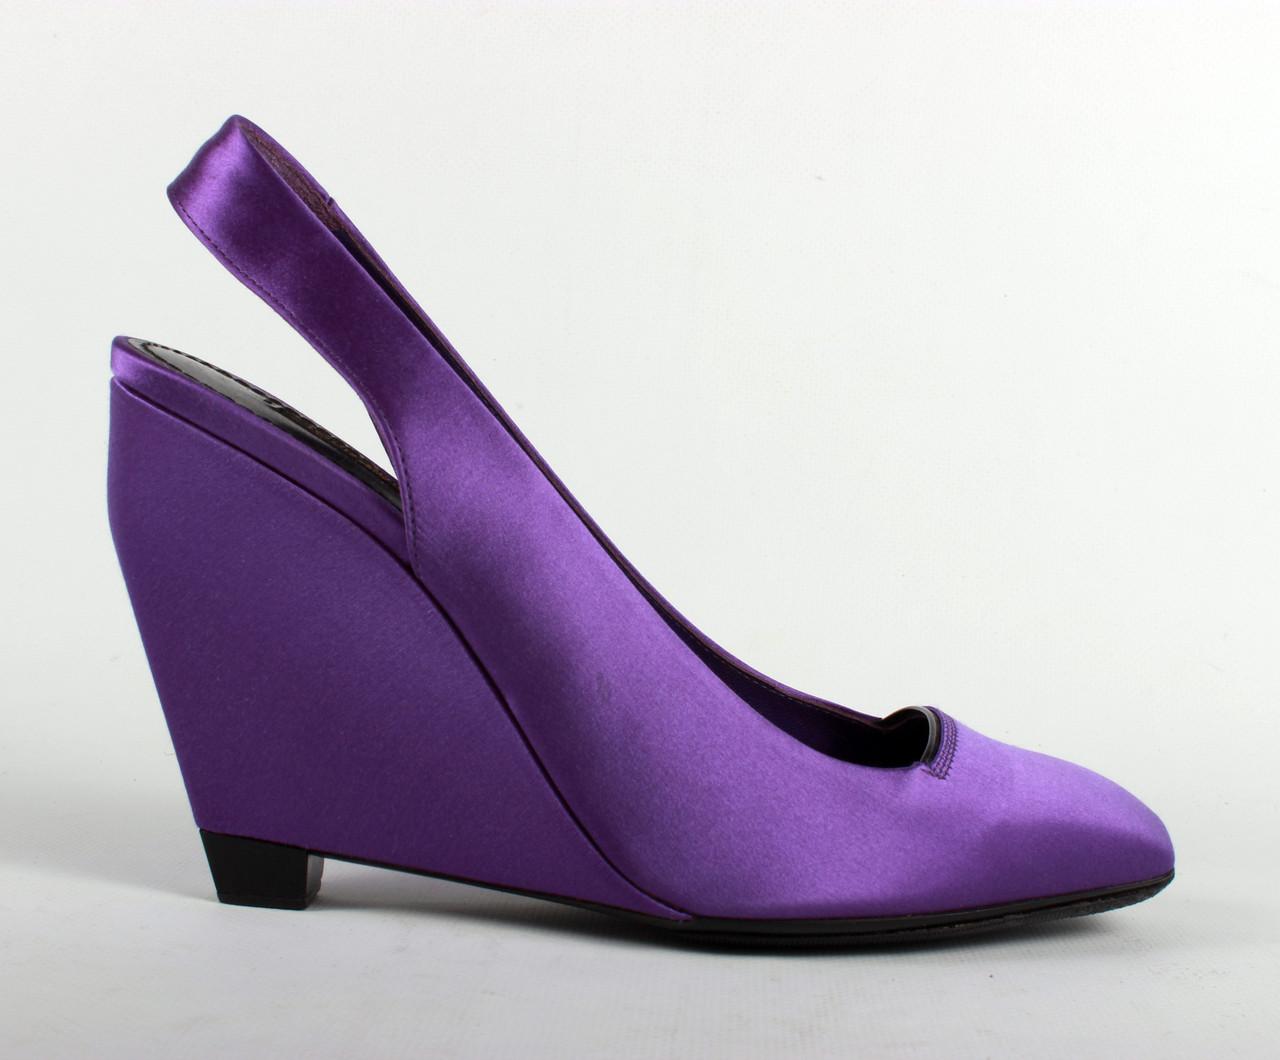 Купить туфли Louis Vuitton в комиссионном магазине Киев